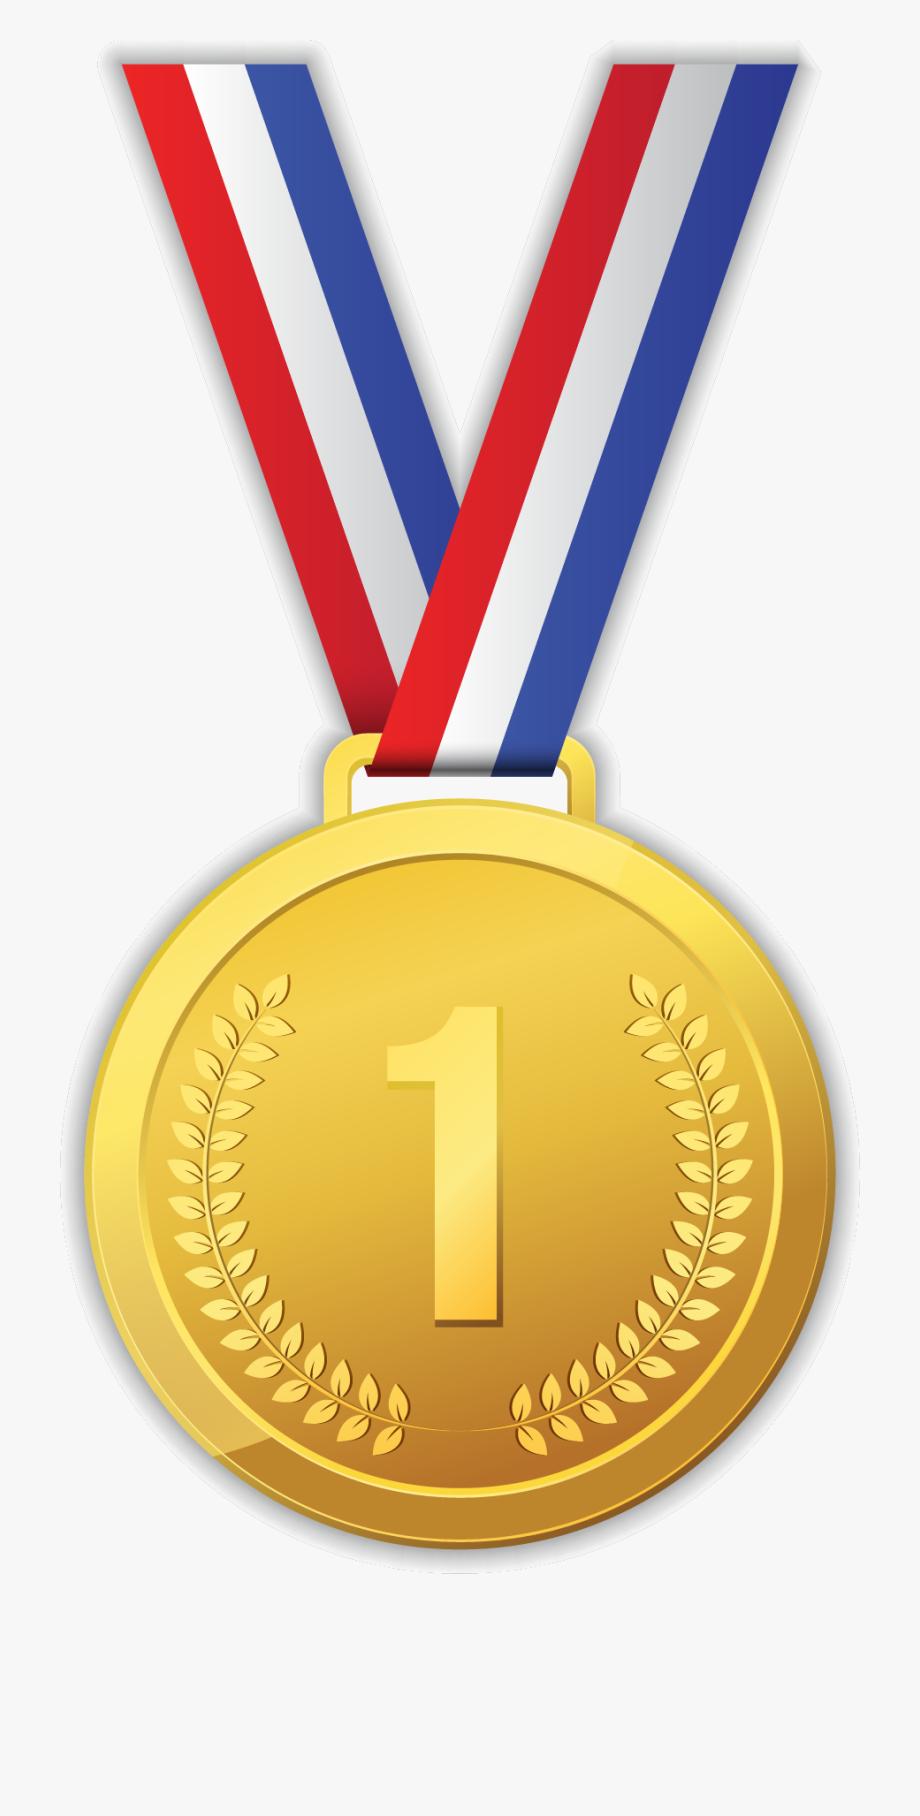 Gold Medal Png.